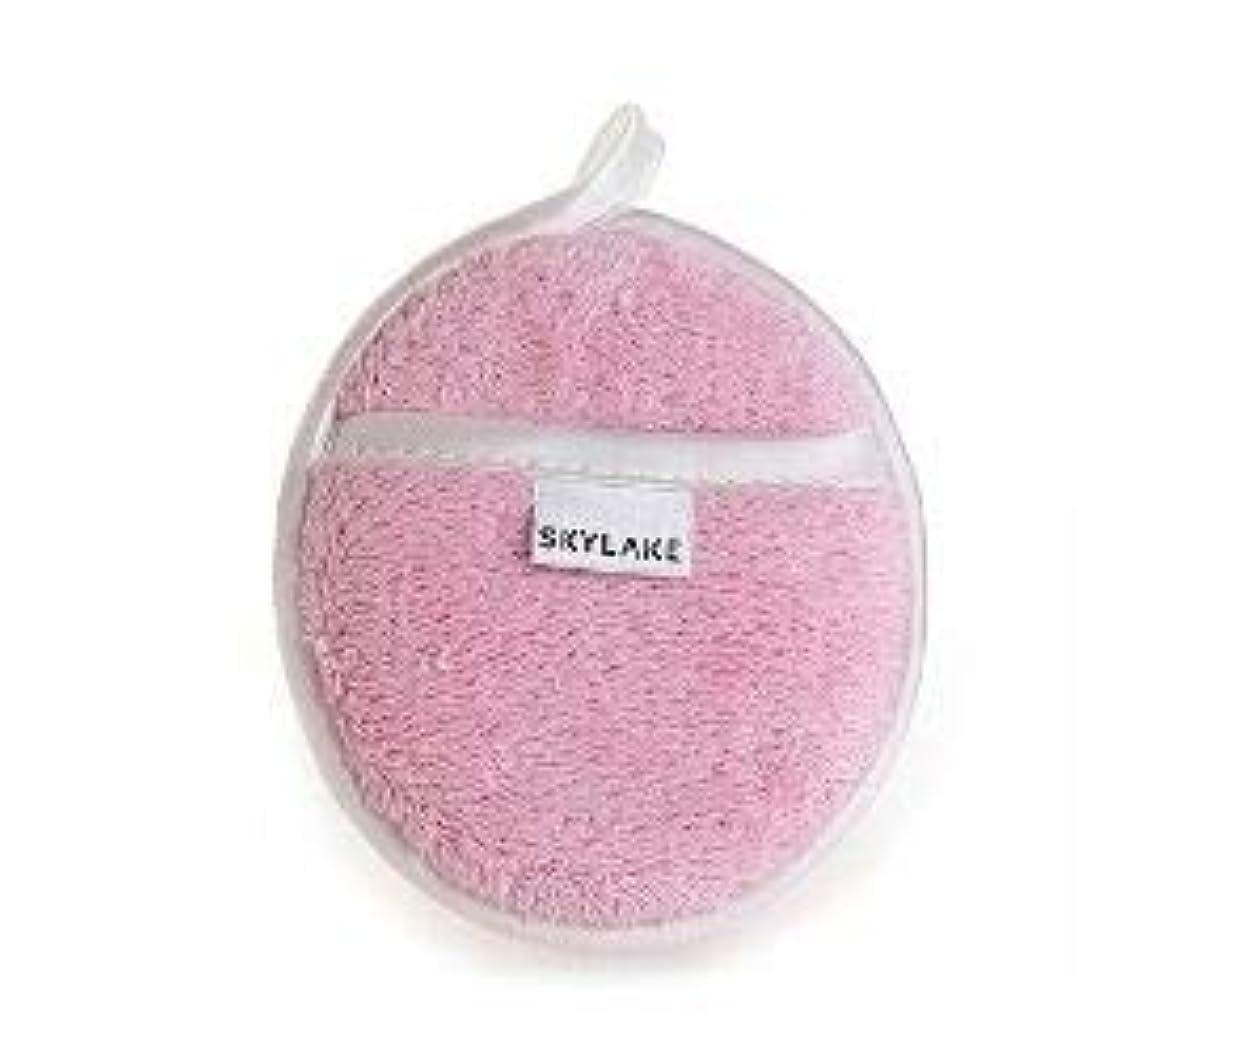 バウンススイッチ百ハヌルホスベビークレンジングタオル Skylake Baby Cleansing Towel [並行輸入品]